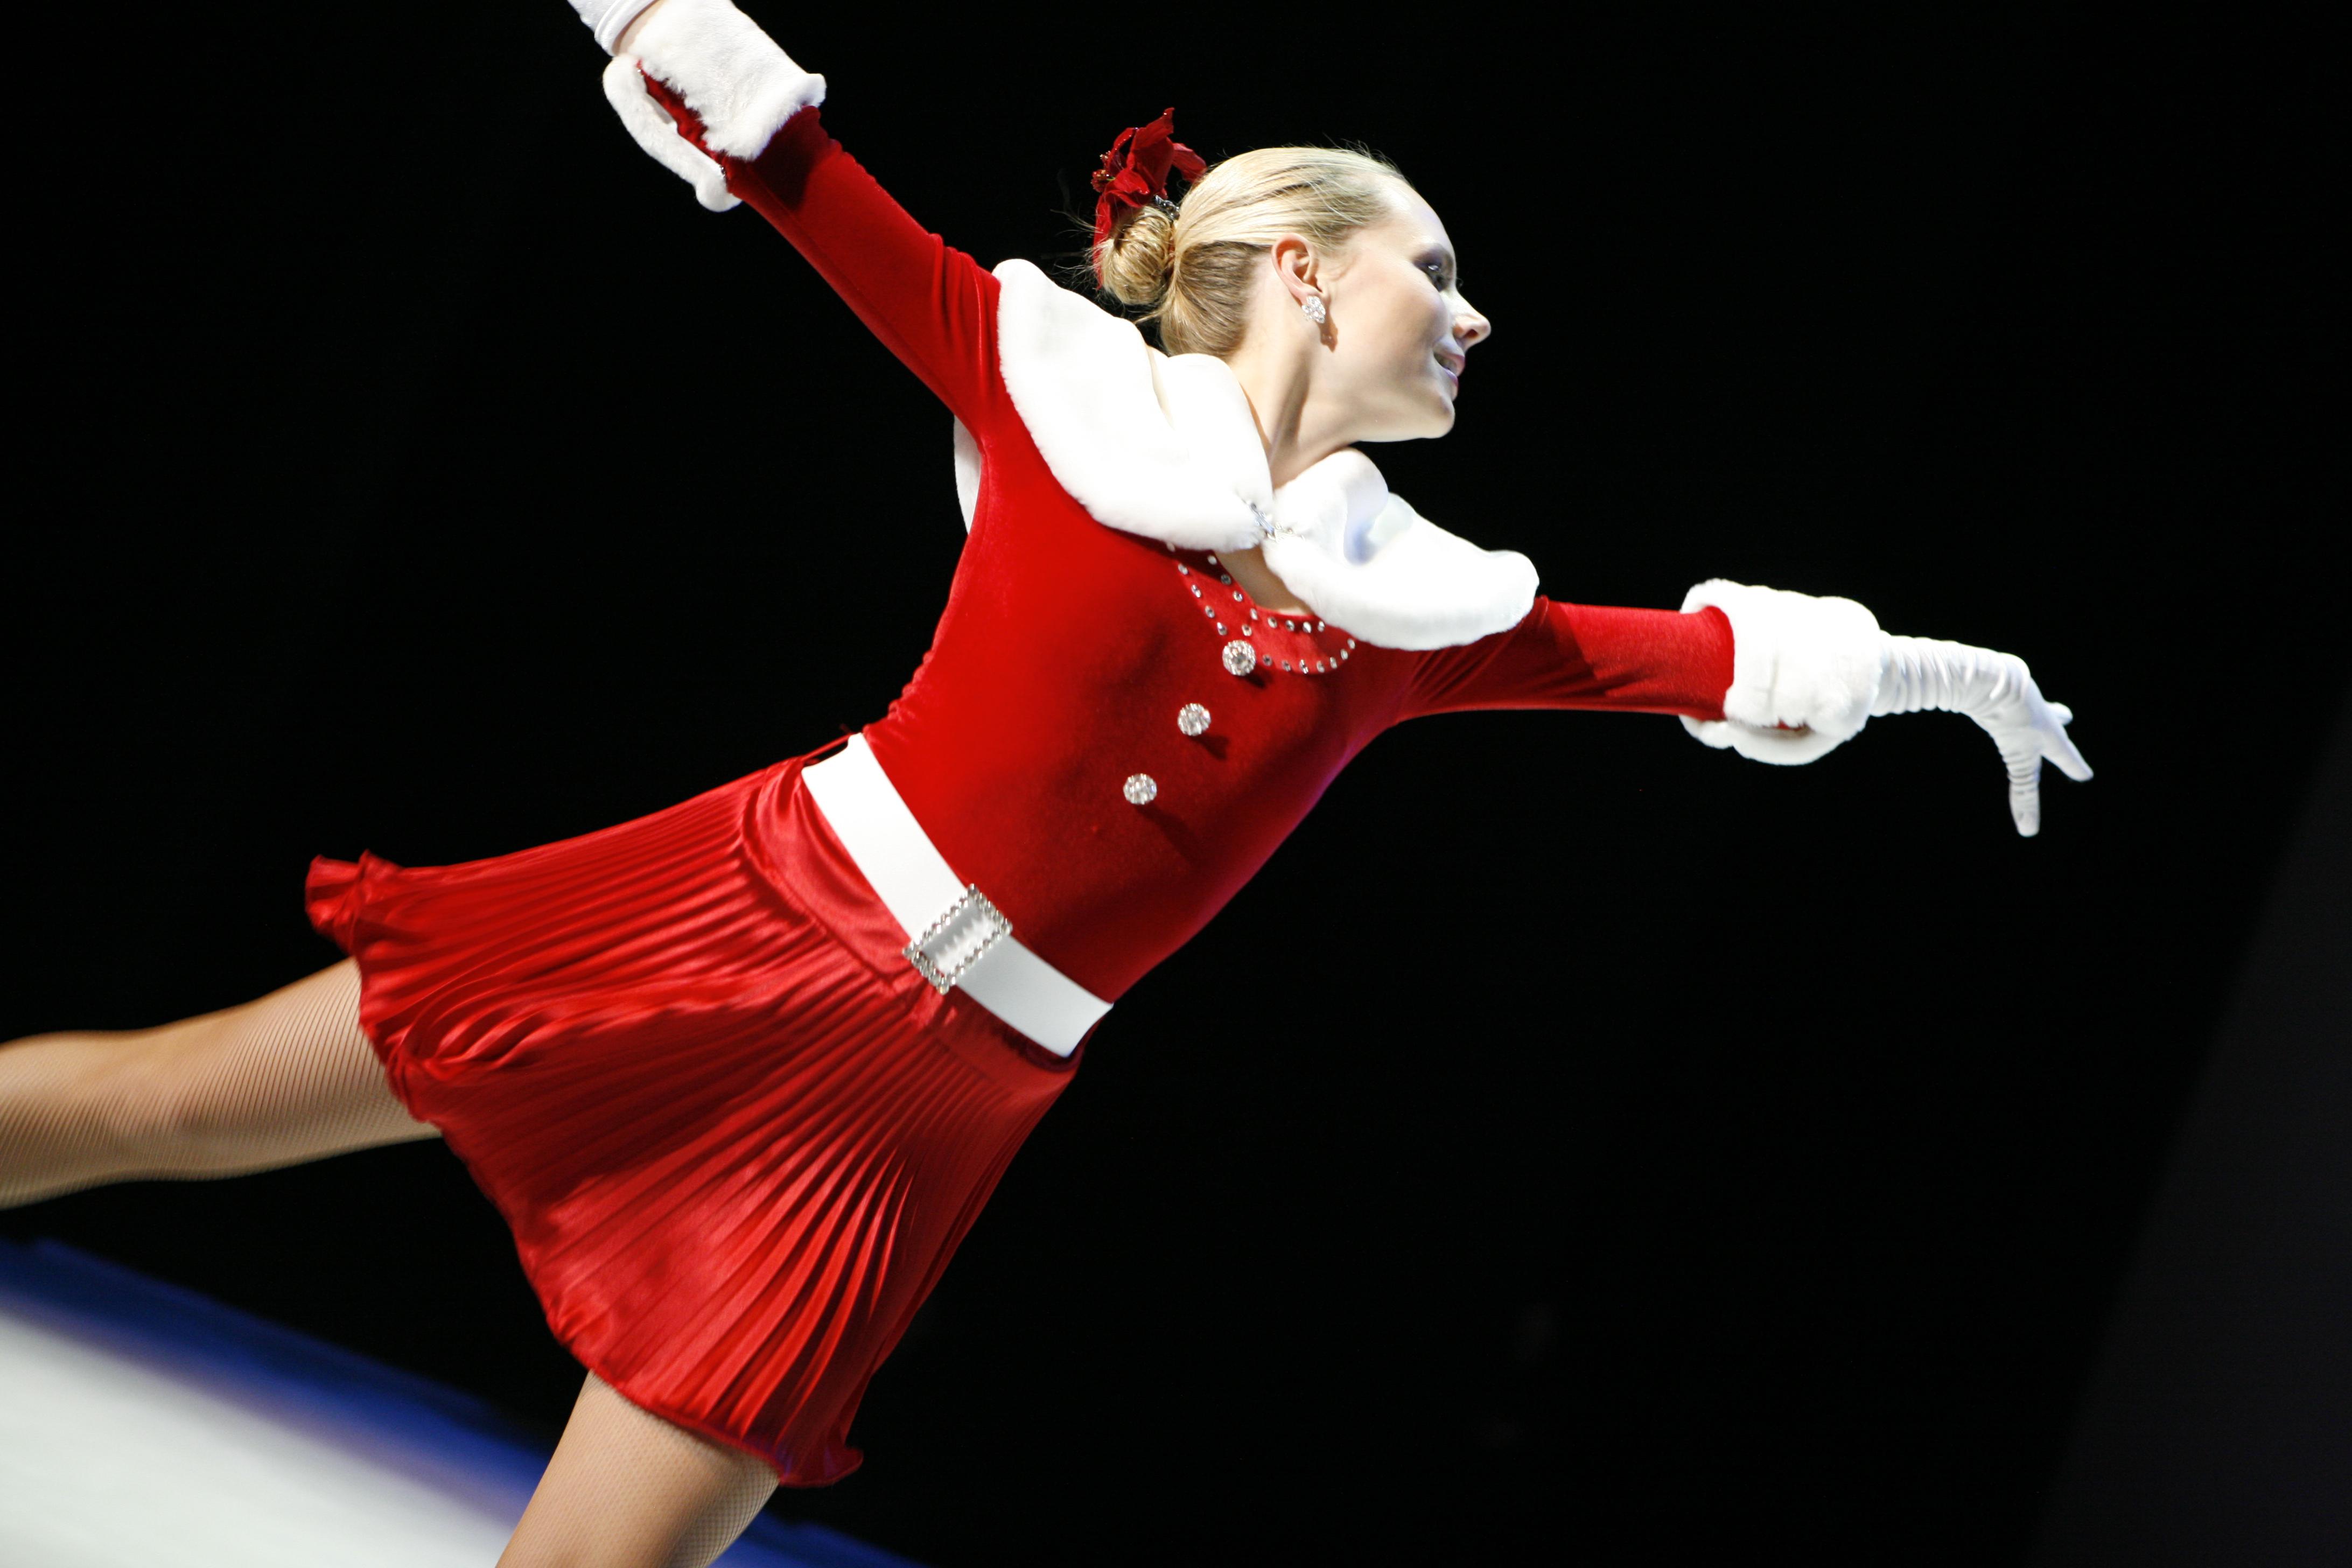 Christmas skater